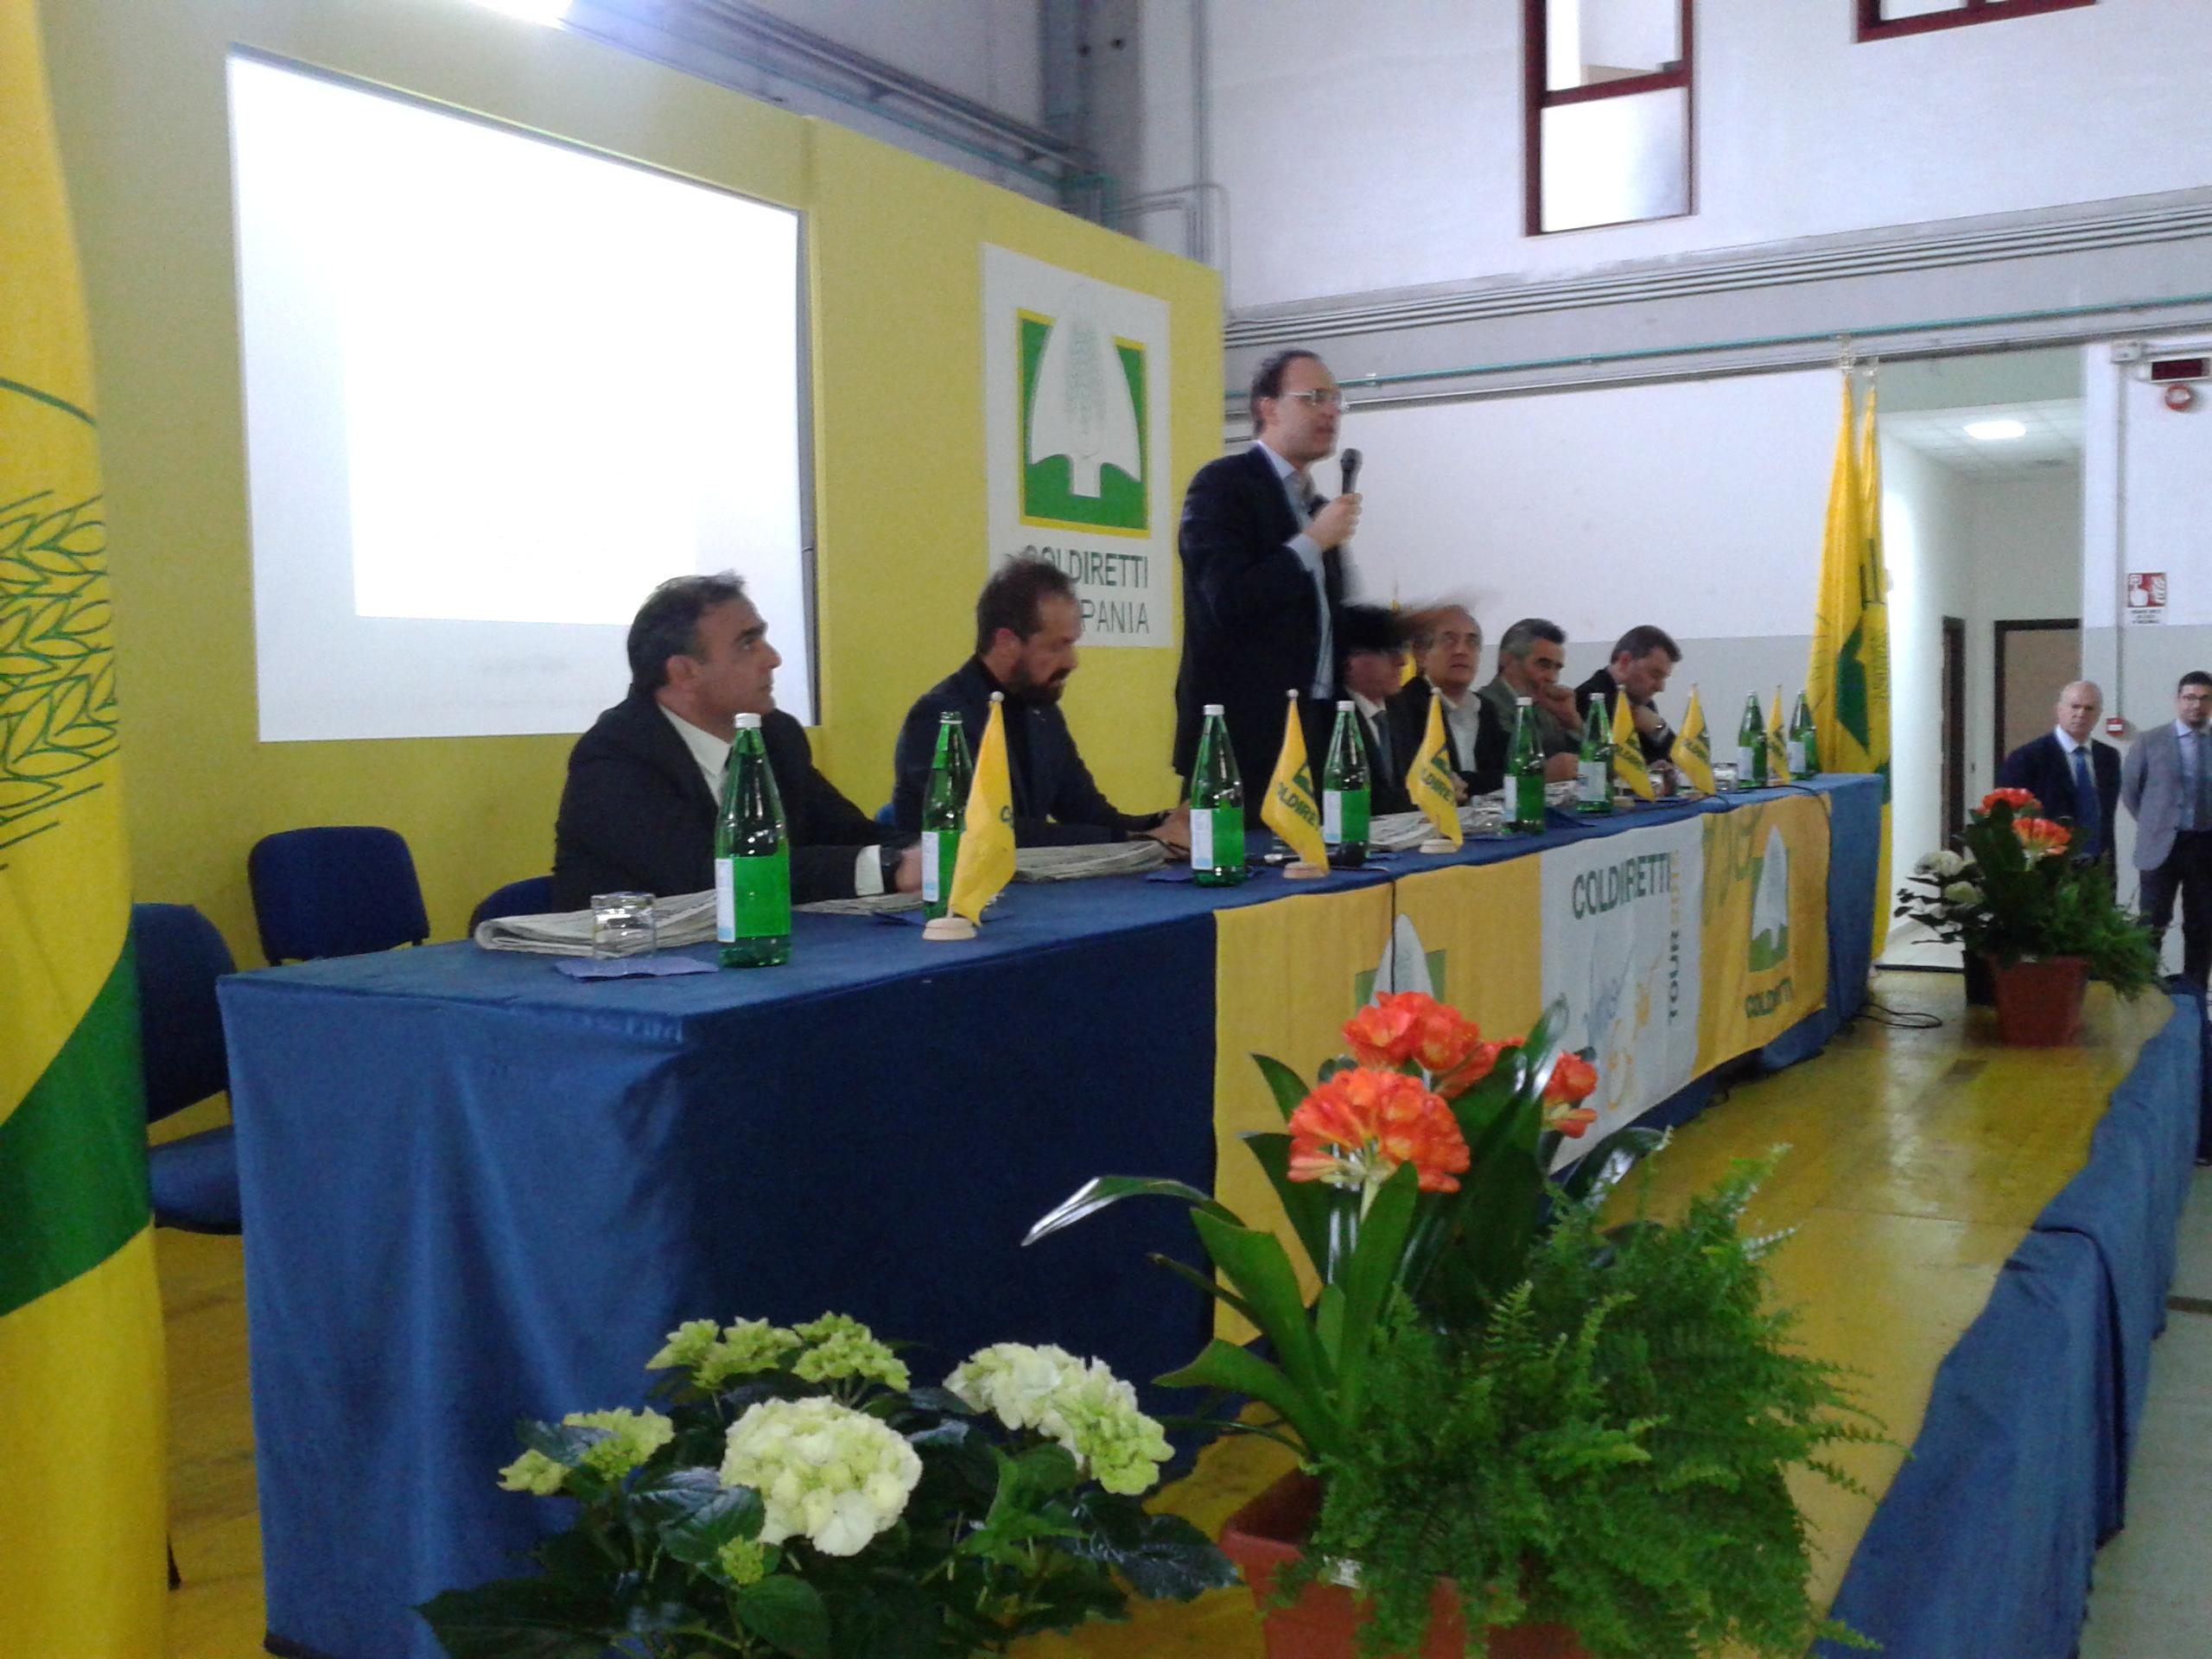 Moncalvo, Presidente nazionale di Coldiretti ha visitato la Cantina 'Vigne Sannite'